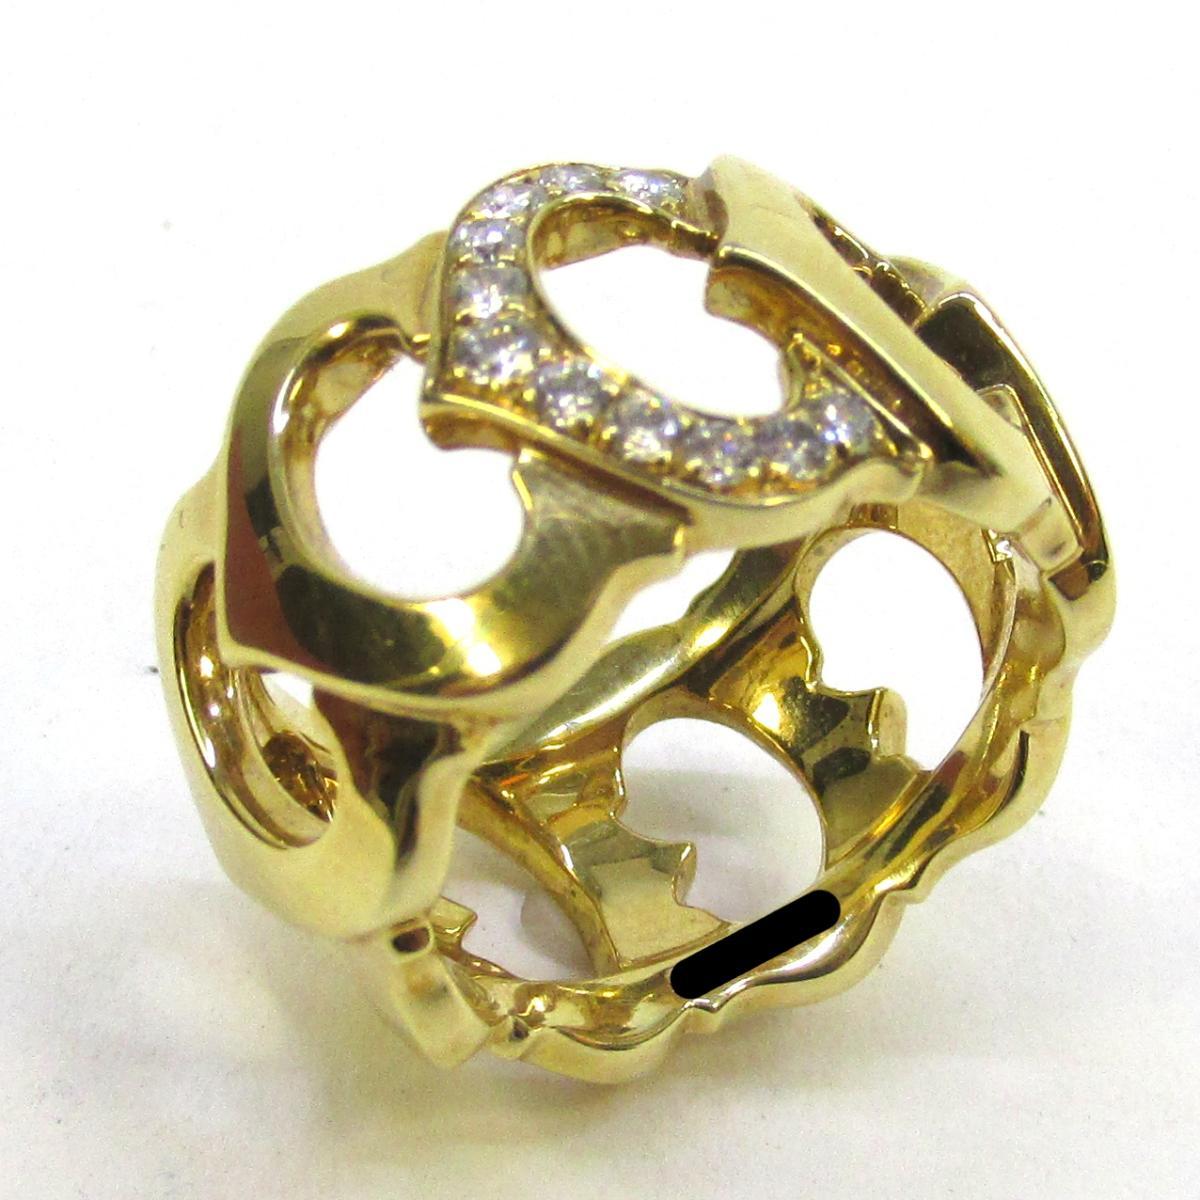 【中古】 カルティエ ダイヤモンド リング 指輪 レディース K18YG (750) イエローゴールド x | Cartier BRANDOFF ブランドオフ ブランド ジュエリー アクセサリー